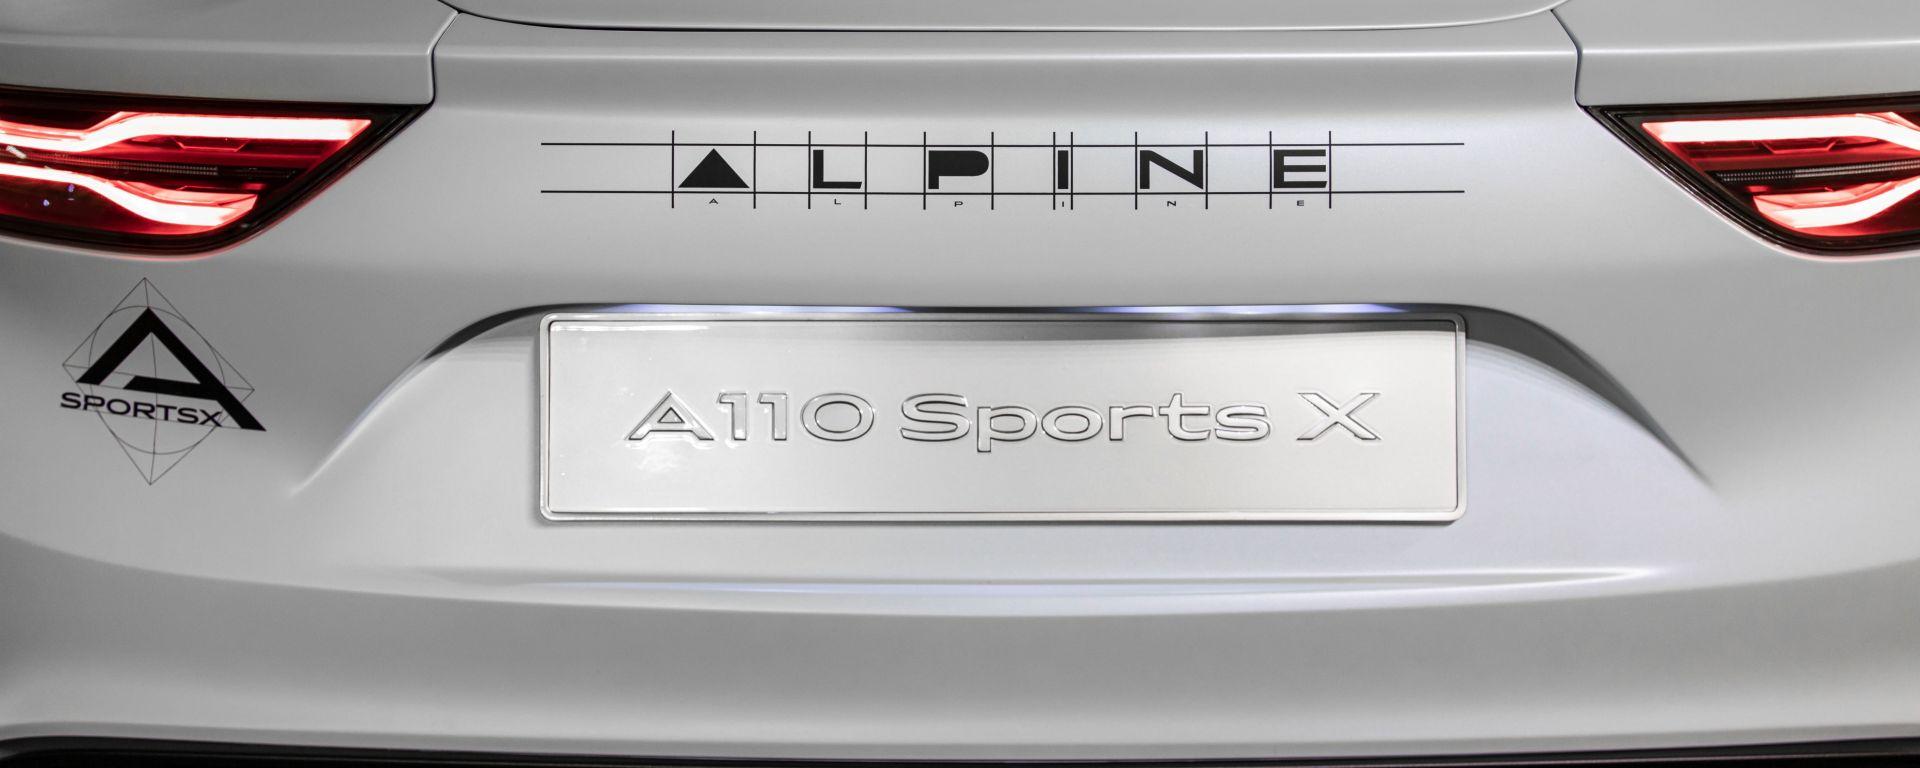 Alpine A110 SportsX, dettaglio posteriore